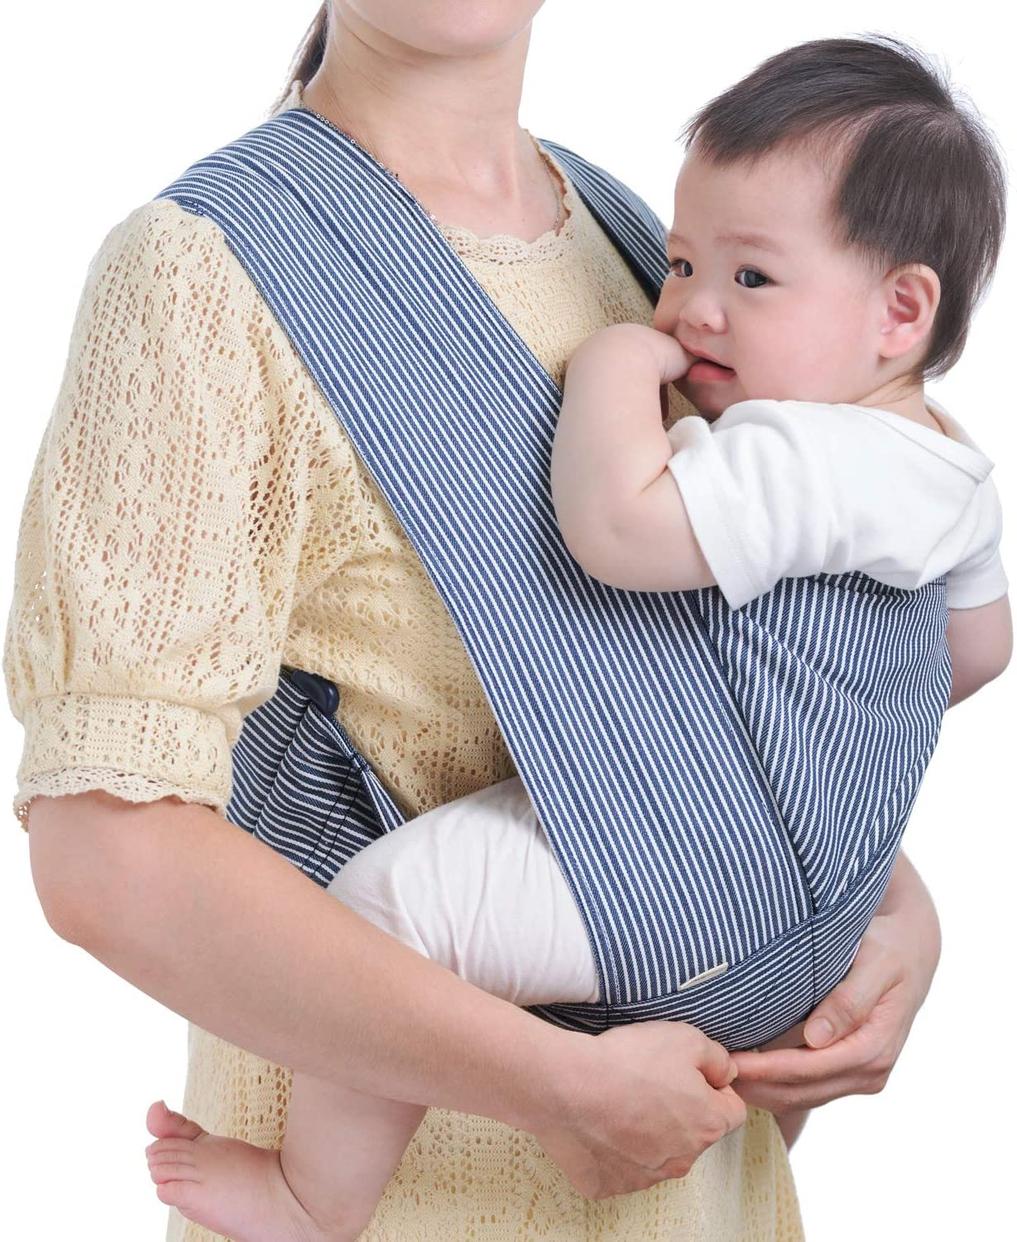 TWONE(ツォン) 抱っこひもの商品画像